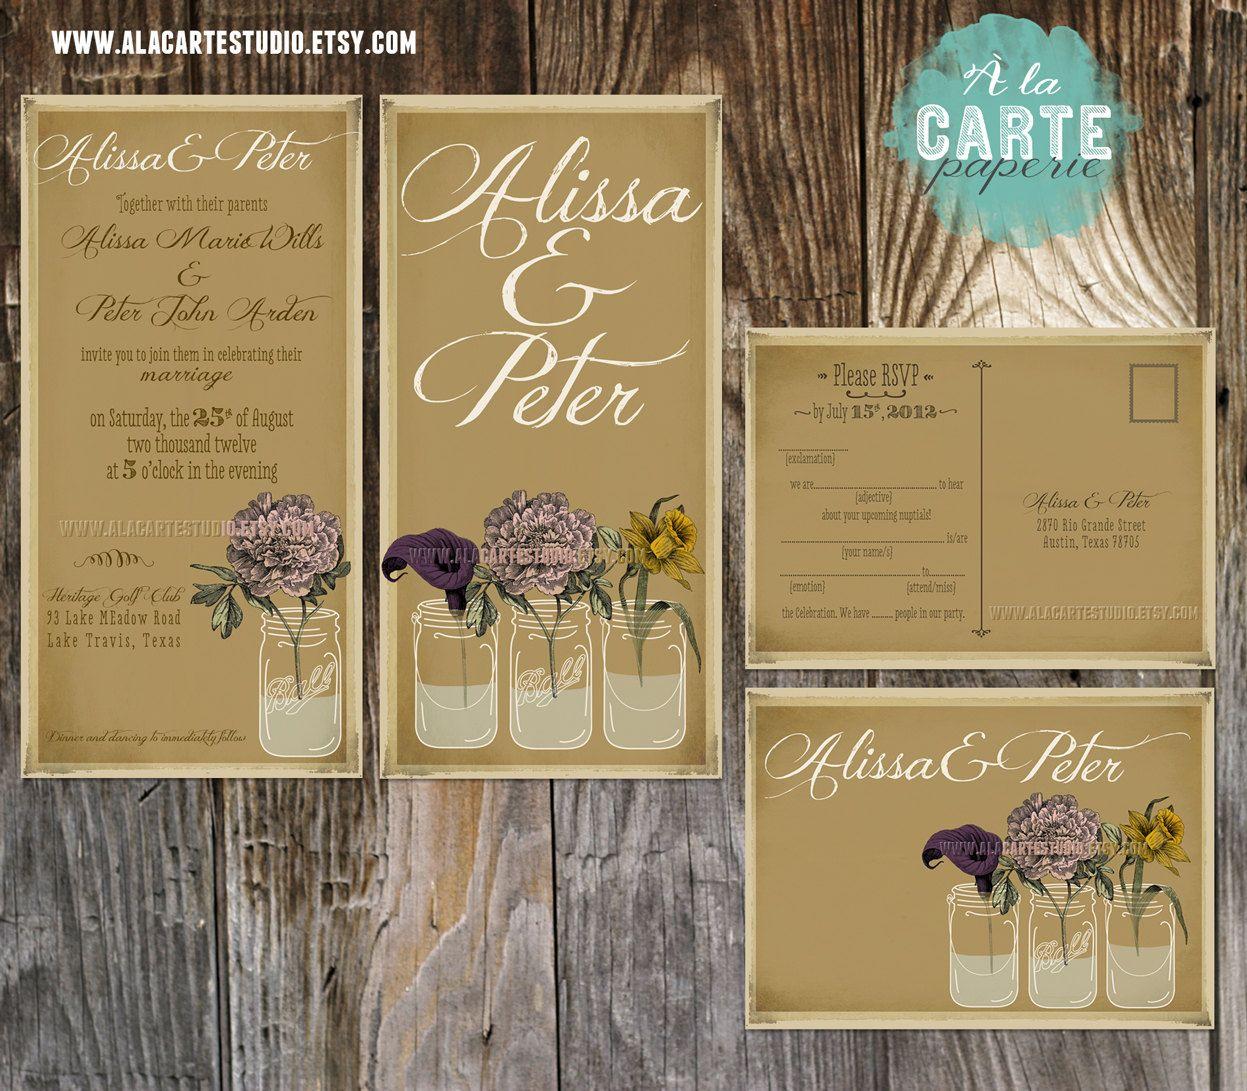 Rustic Mason Jar Wedding Invitation Suite Invitation and RSVP - Mason Jars Vintage Wedding - Kraft Paper Wedding. $30.00, via Etsy.